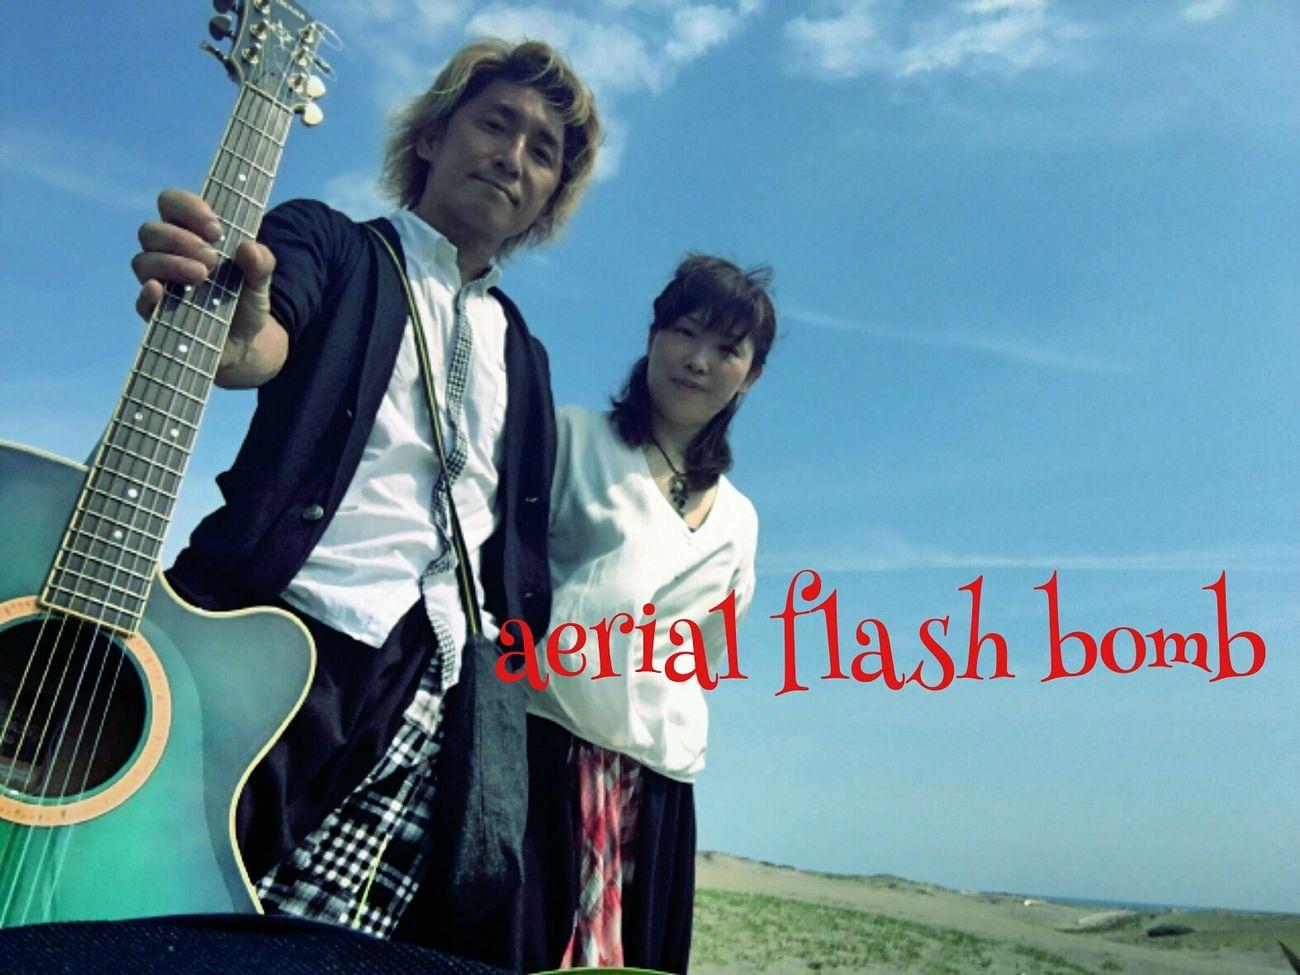 急遽ですが 今月29日(金) live参加することになりました。 ユニット名を改名してから初です。 気持ちも新たに歌いたいと思いますので 皆様 聴きに来てね♪ https://m.facebook.com/story.php?story_fbid=1029654130487912&id=100003300048161 Information Aerial Flash Bomb Live Music